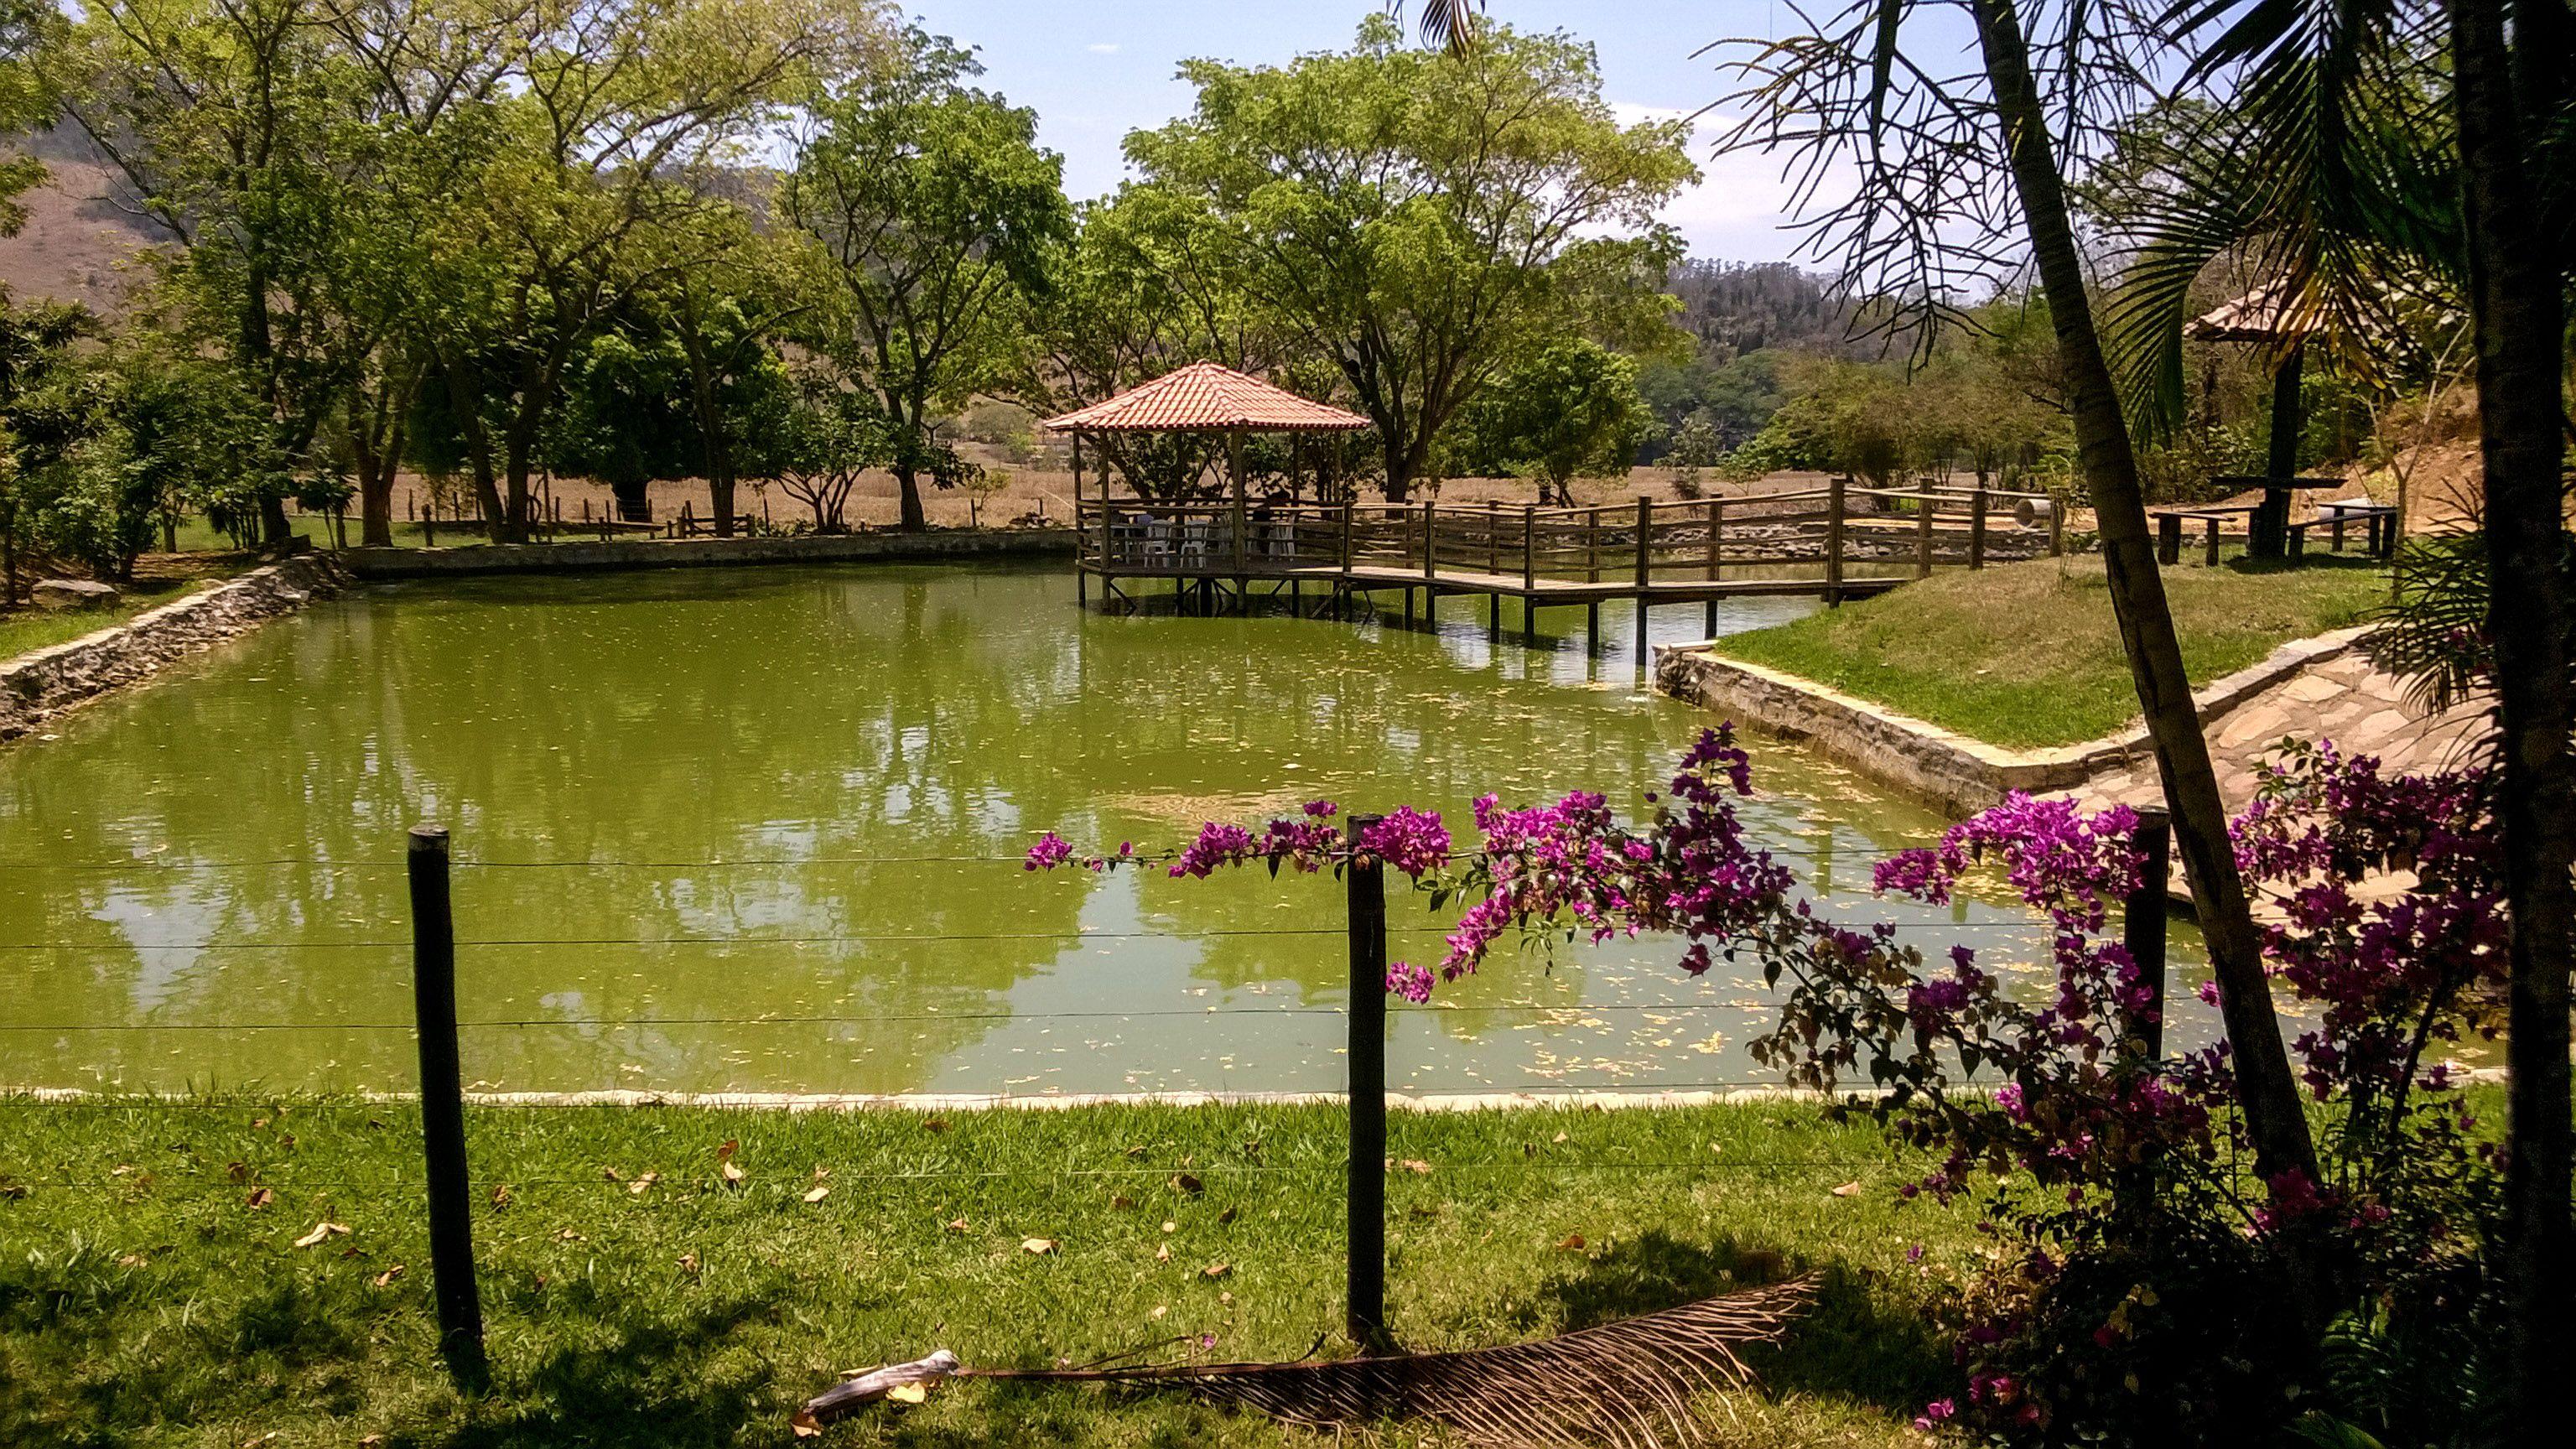 I love Minas Gerais